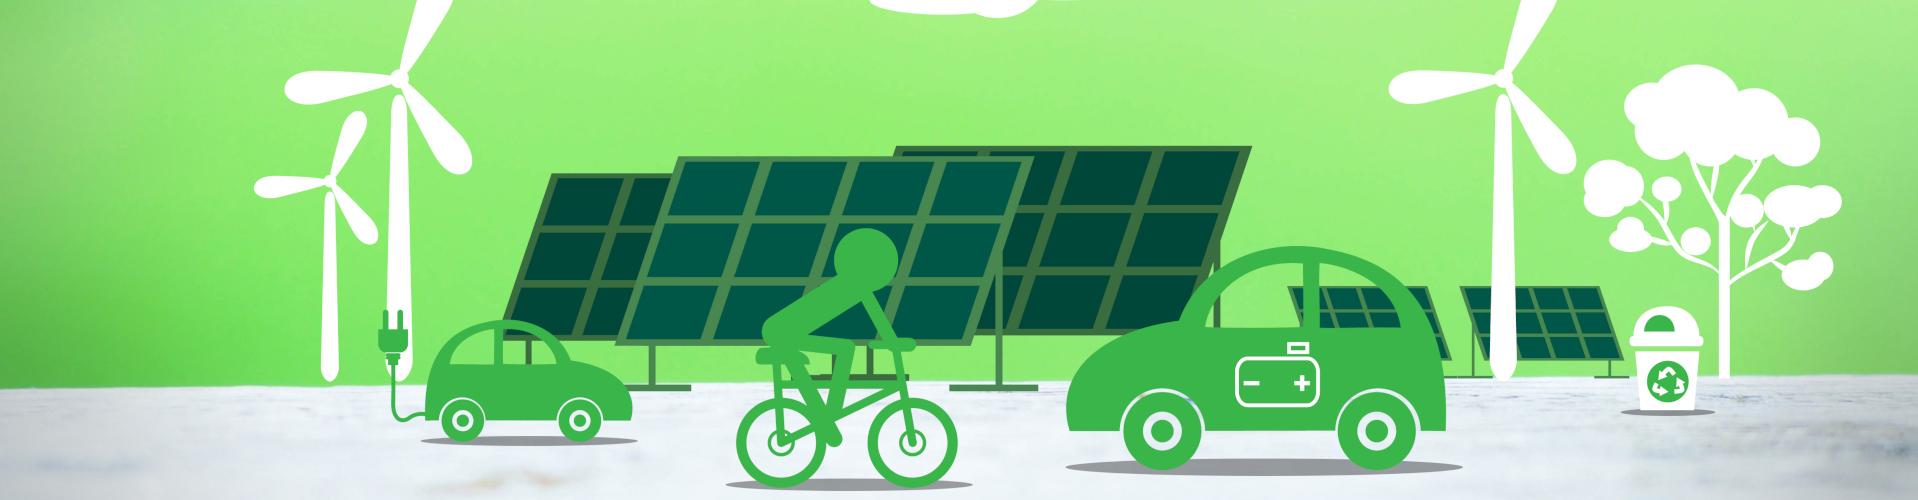 Konzept für eine verantwortungsvolle Nutzung von Ressourcen und der Umwelt über erneuerbare Energien.